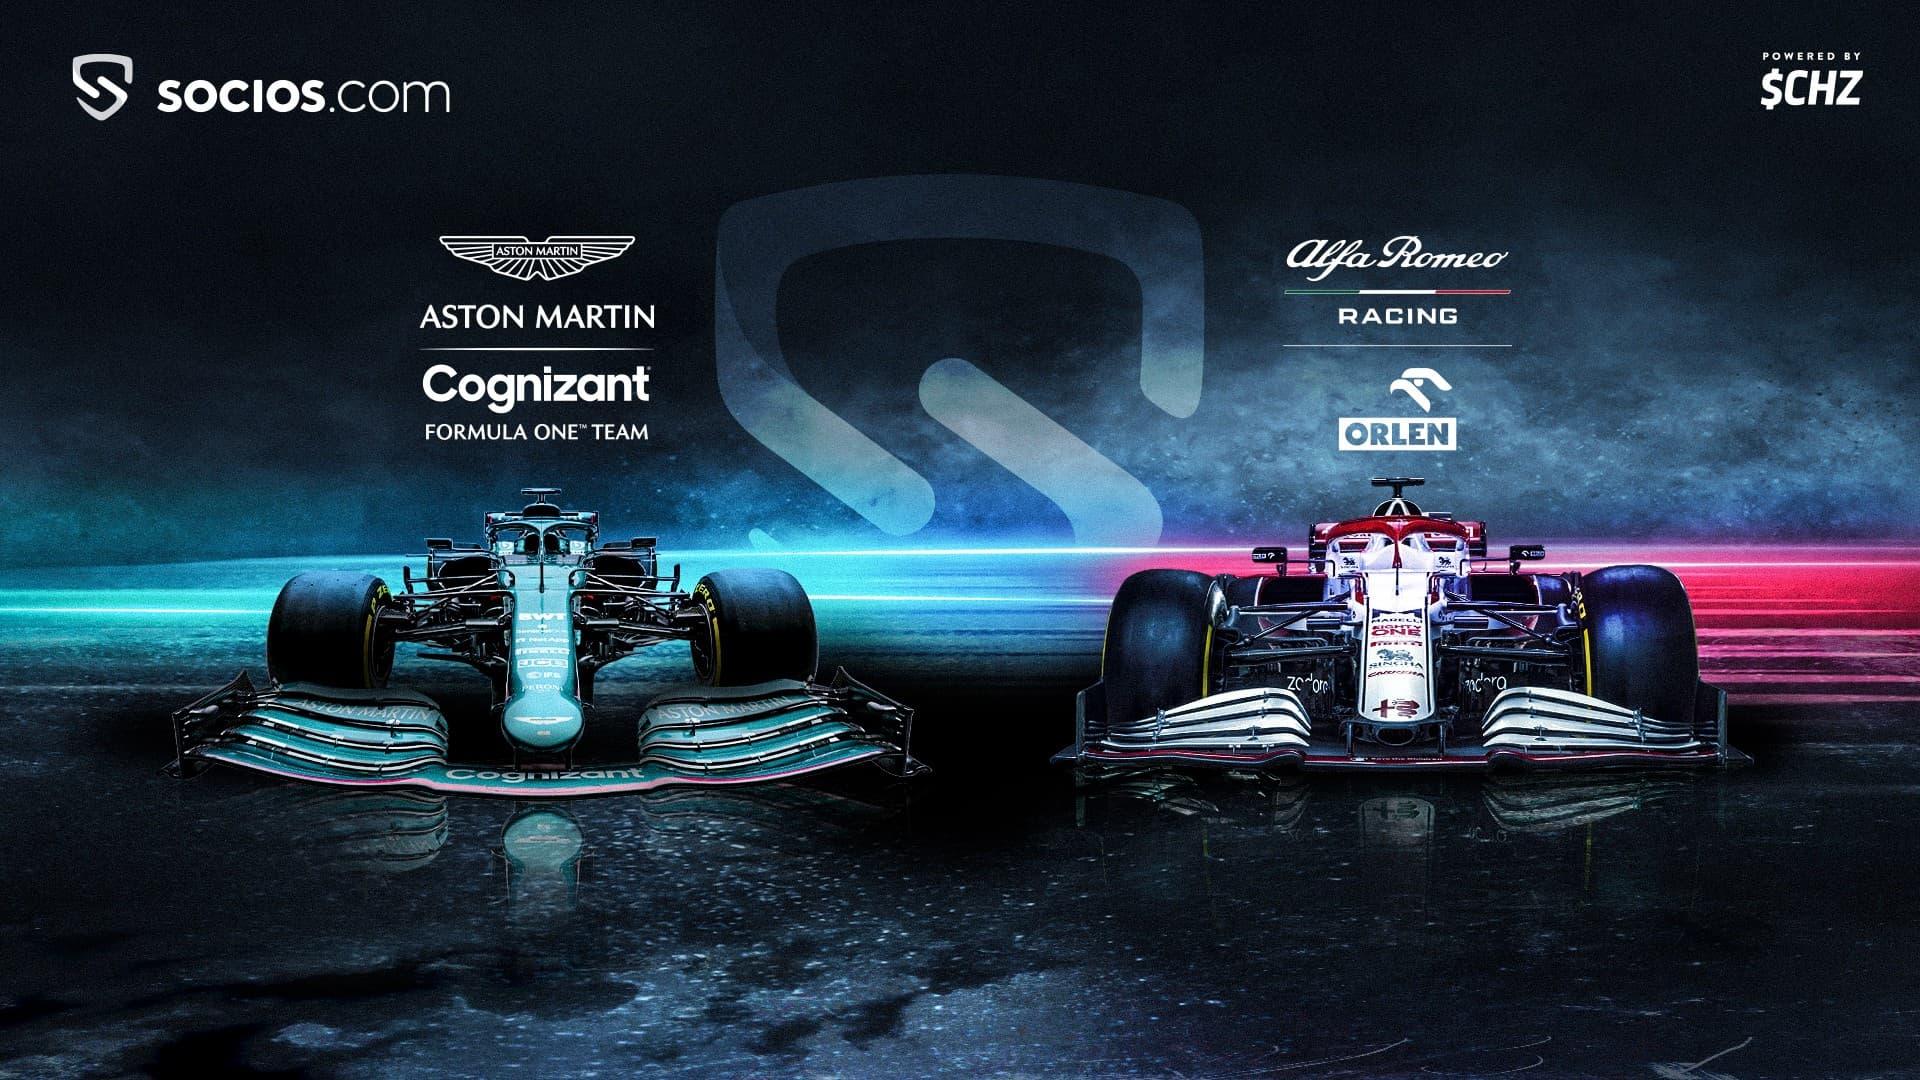 Plataforma da Socios.com anunciando fan tokens da Aston Martin e Alfa Romeo.